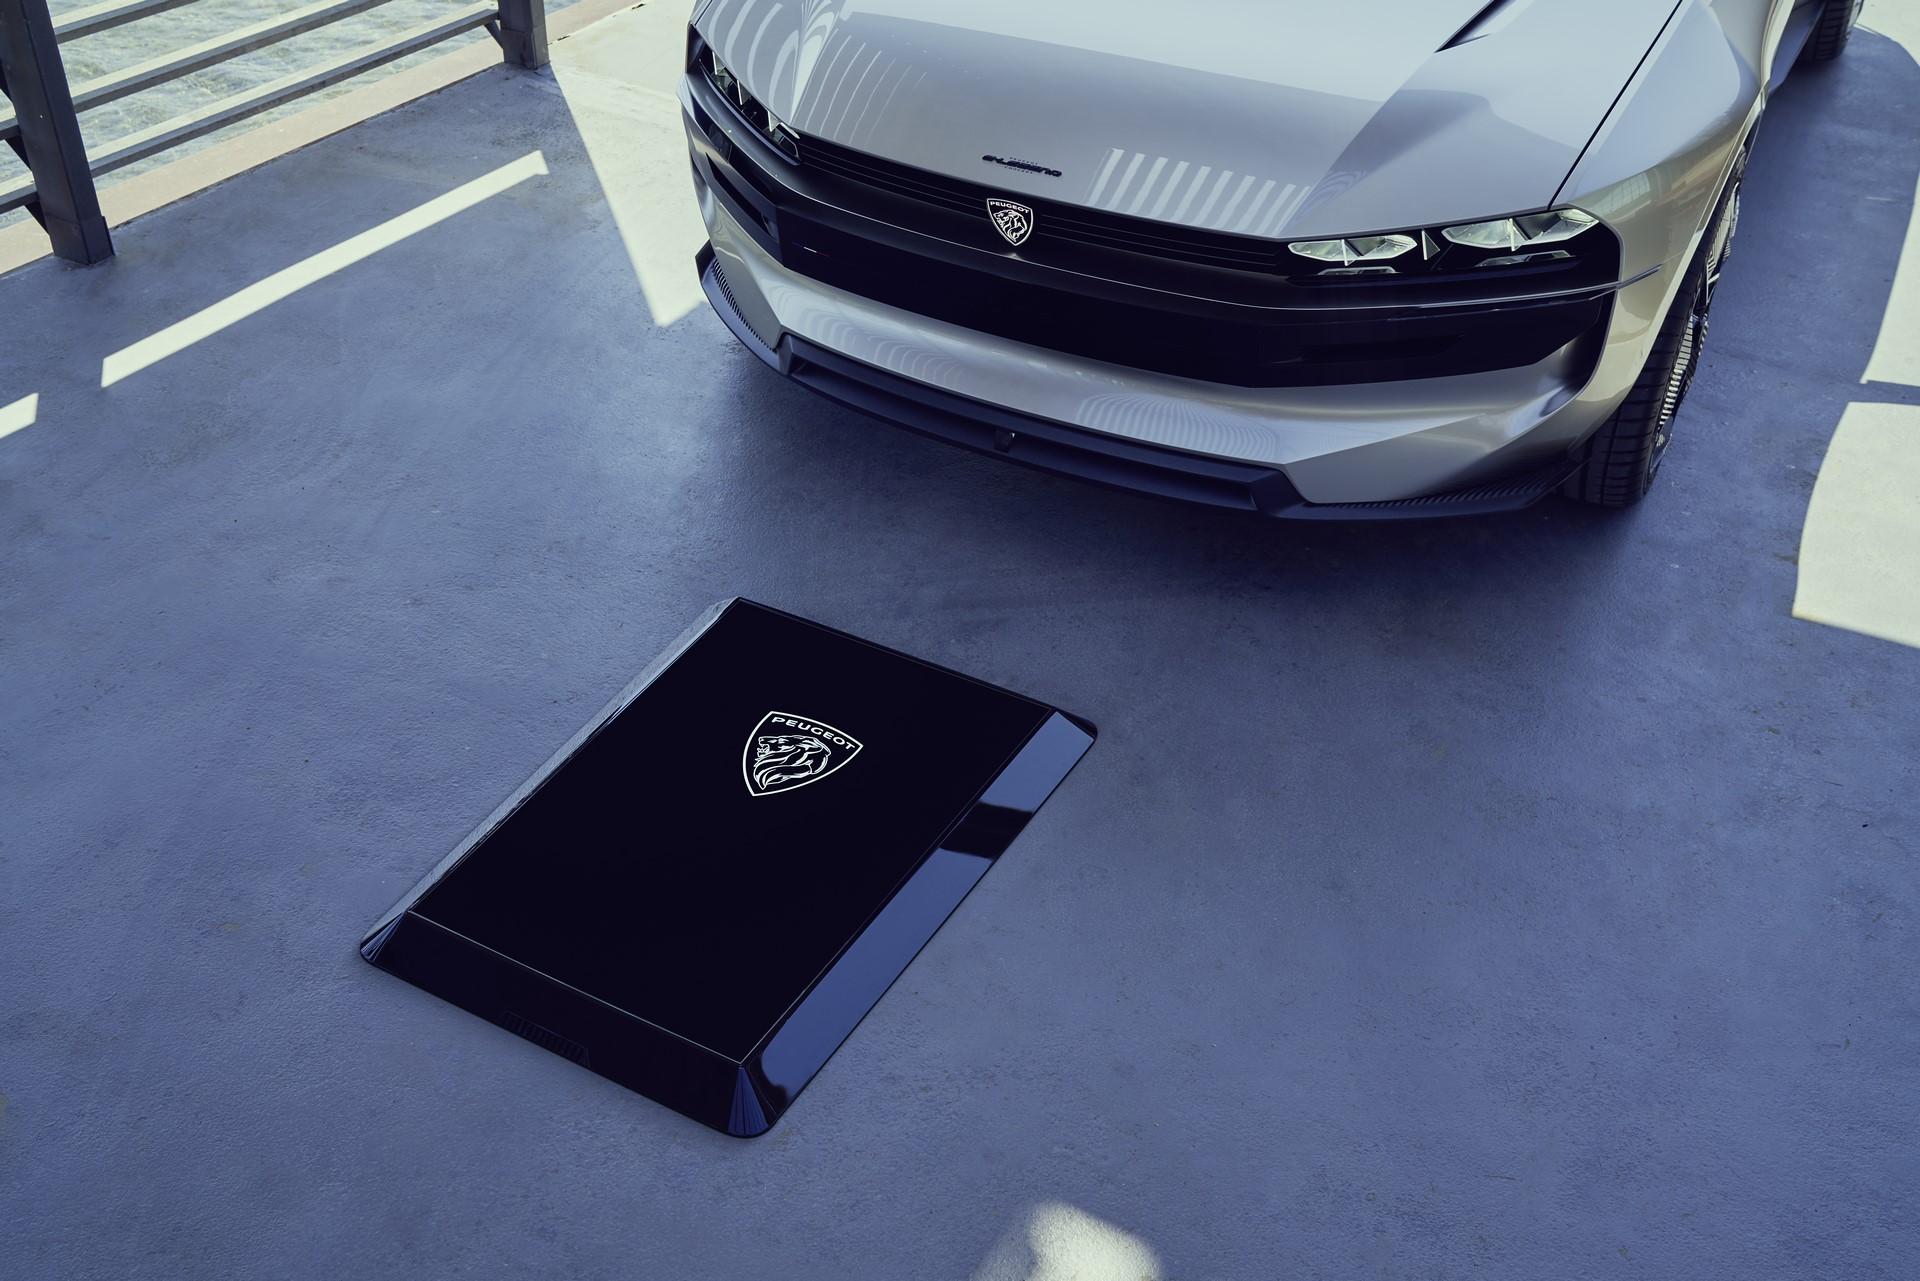 Peugeot E-Legend Concept (5)